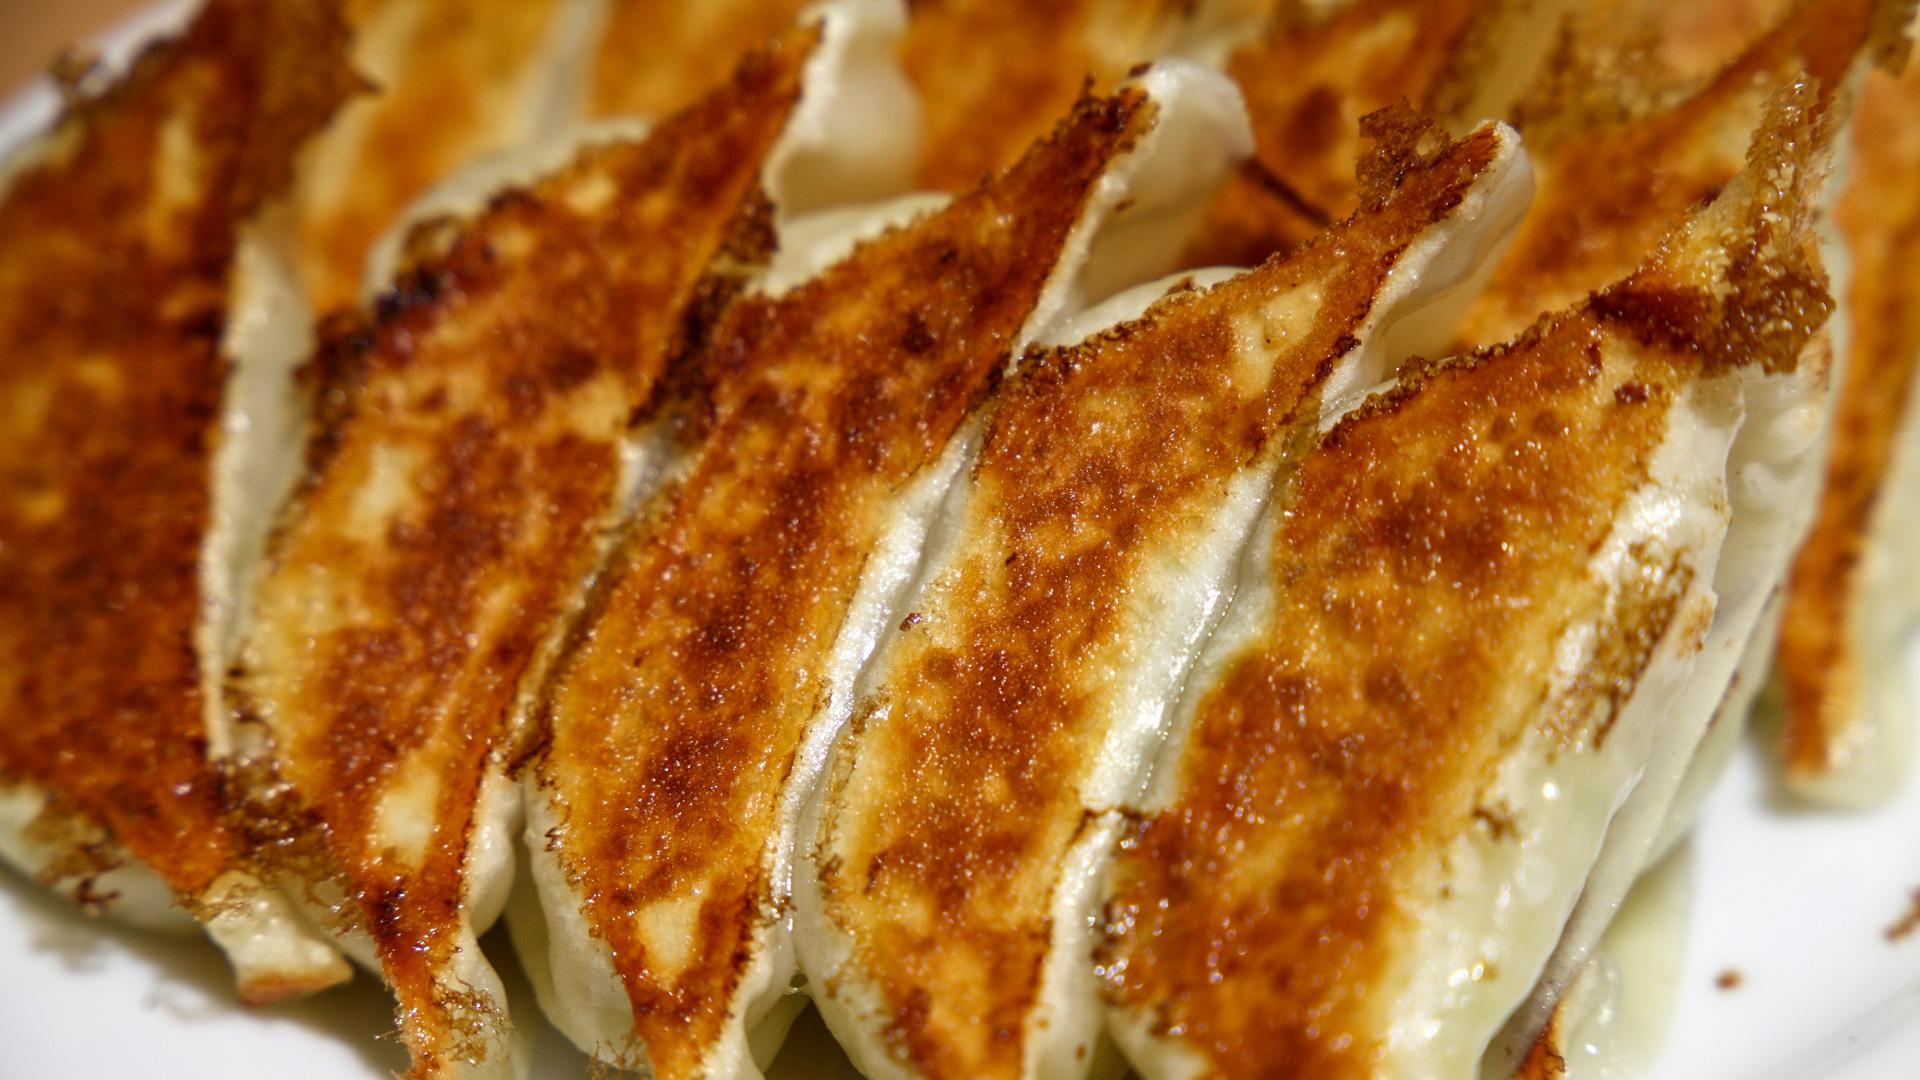 宇都宮の「みんみん」は地元で愛される餃子専門店!お土産にもおすすめの味とは